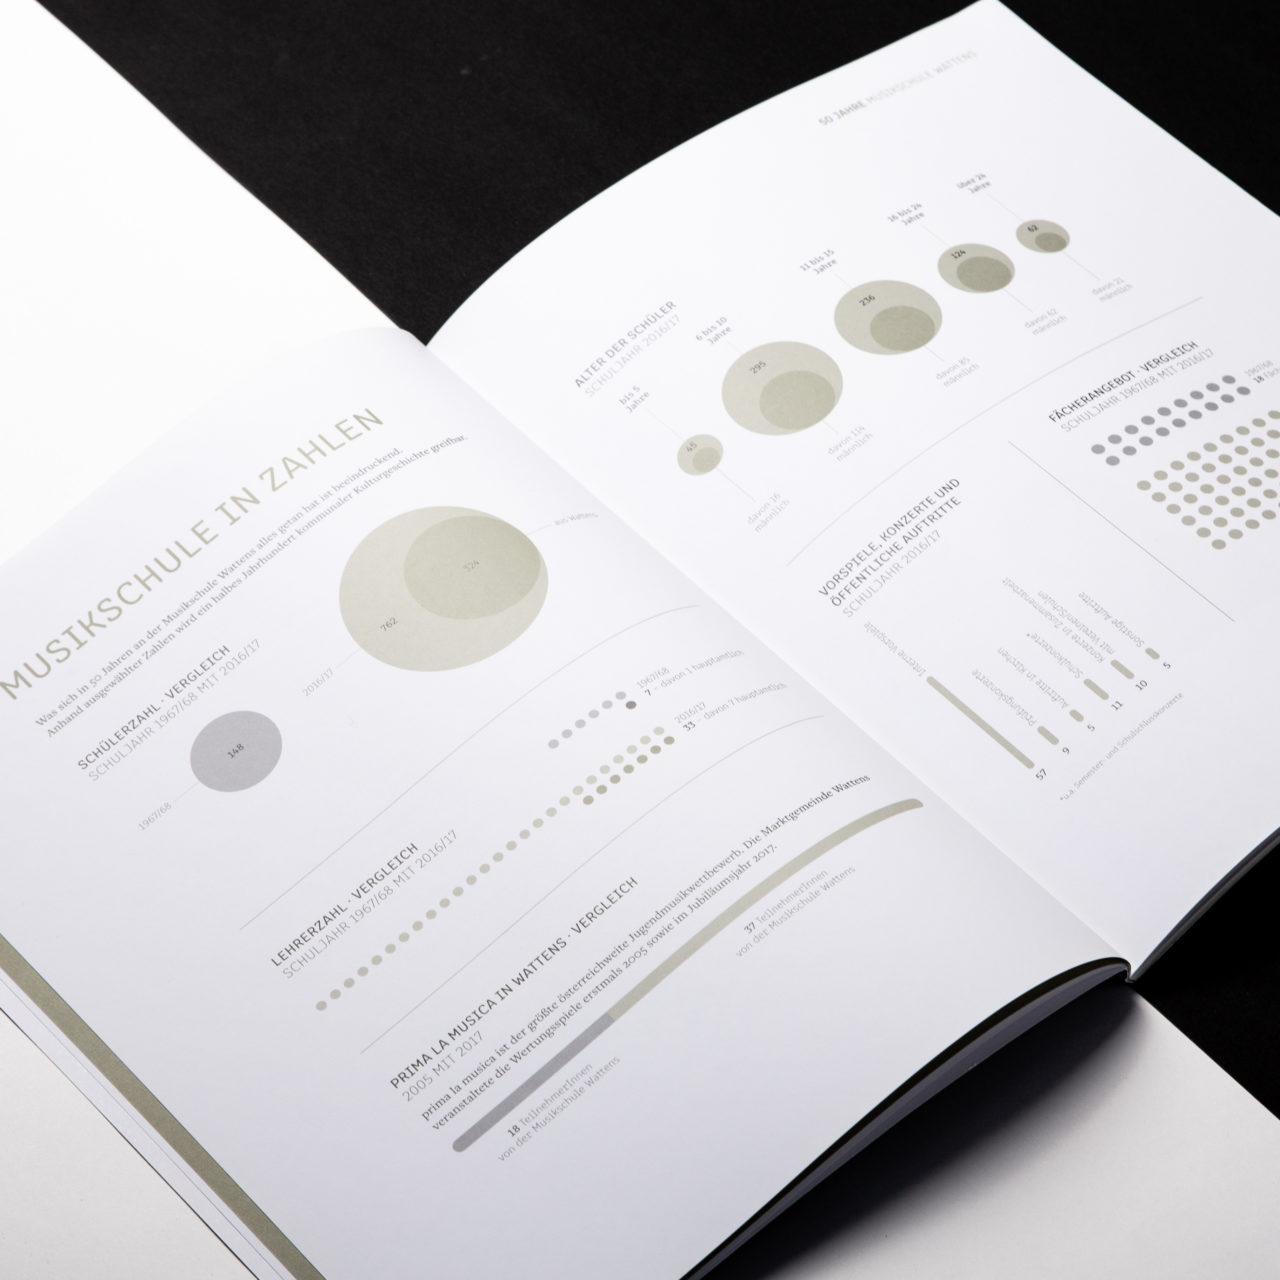 Musikschule Wattens Festschrift Statistiken